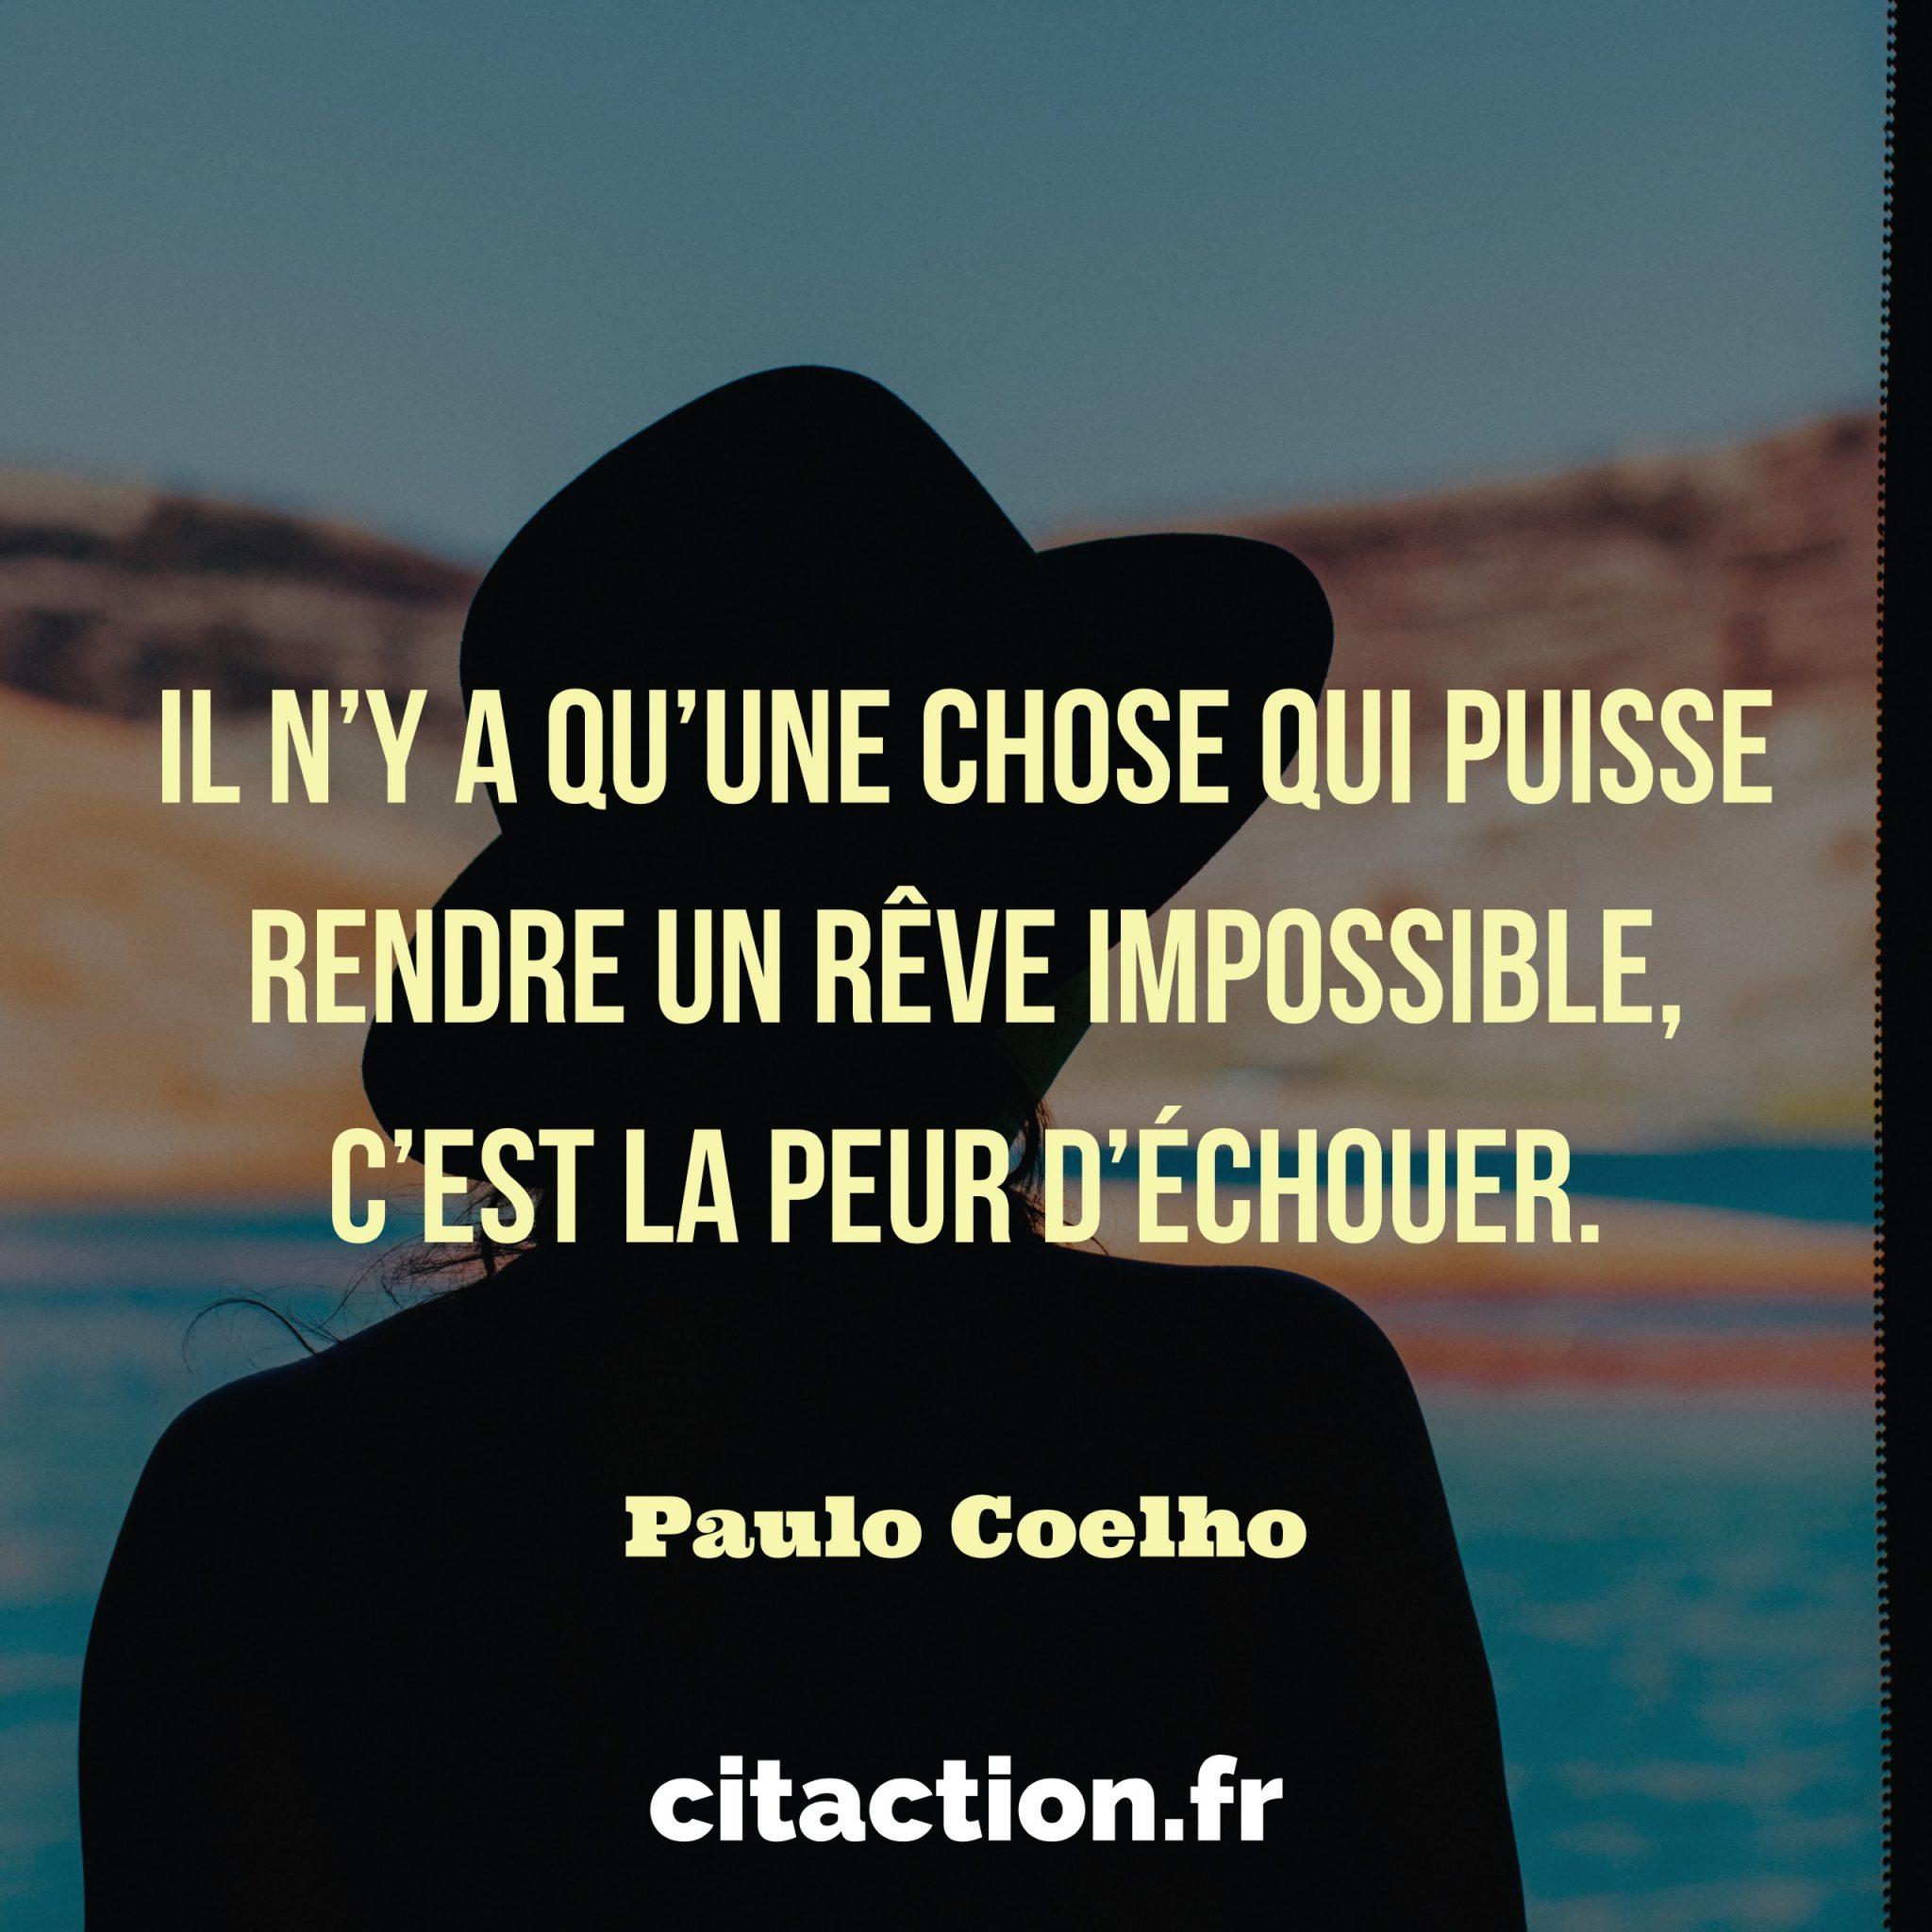 Il n'y a qu'une chose qui puisse rendre un rêve impossible, c'est la peur d'échouer.